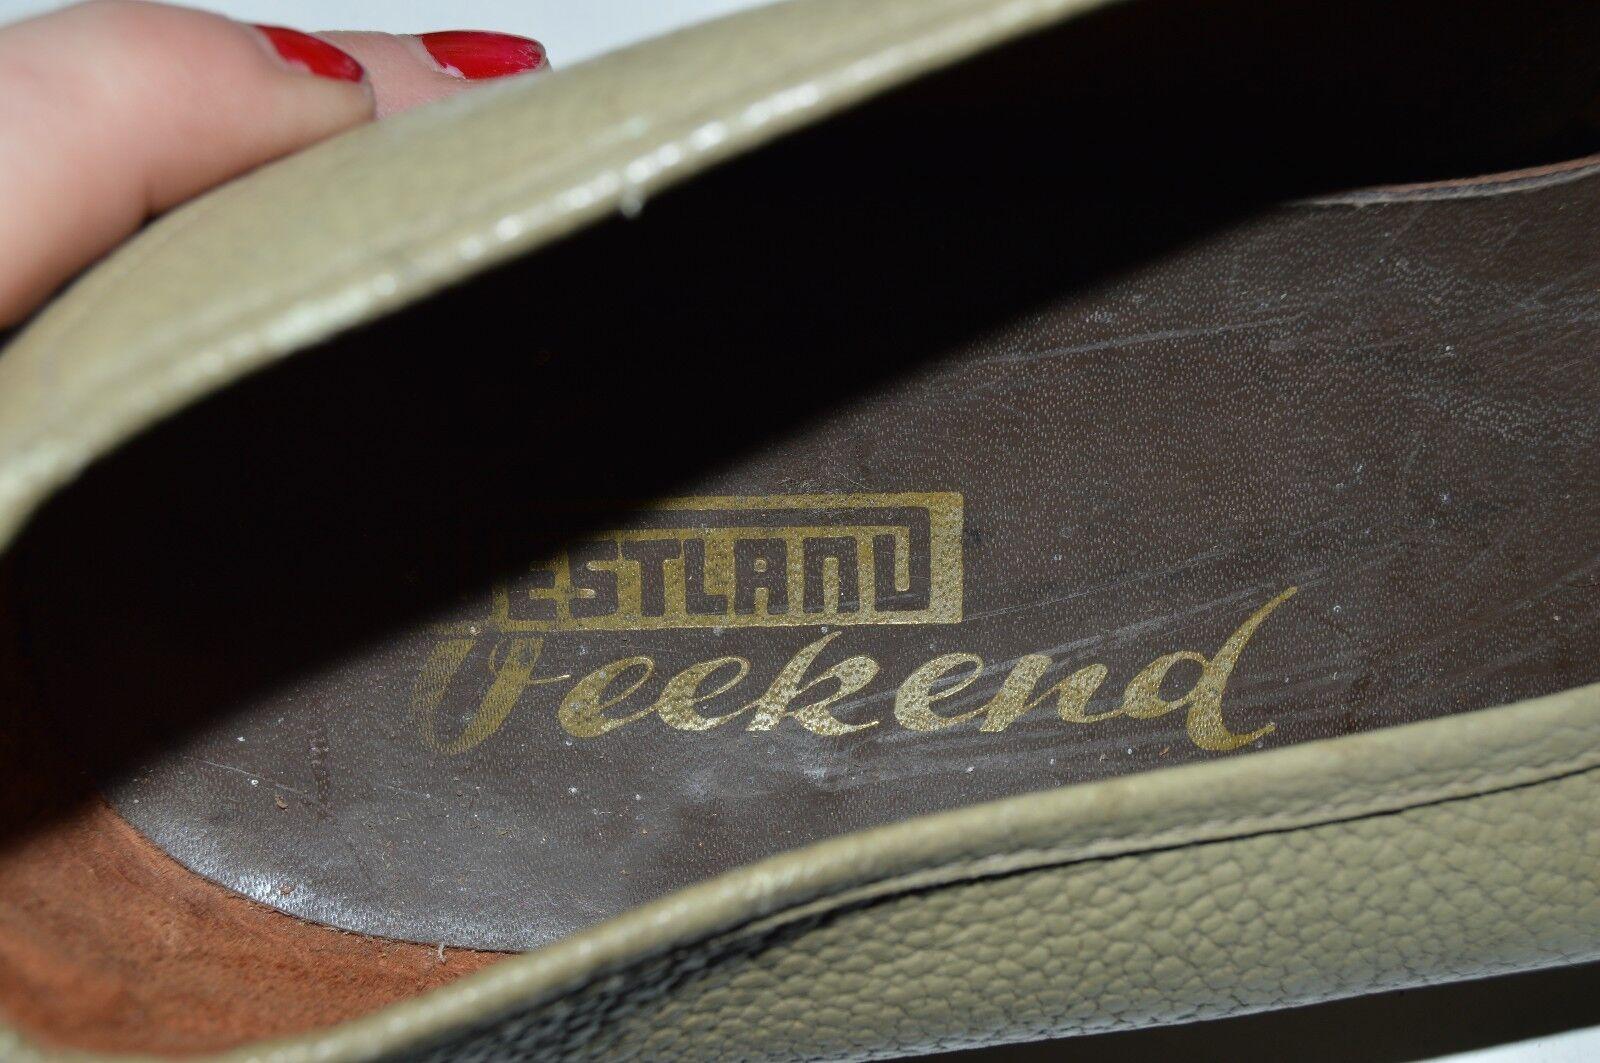 Herren Slipper Vintage Westland Weekend 60er TRUE Vintage Slipper Grün Halbschuhe UK 10,5 Schuhe 93e3eb